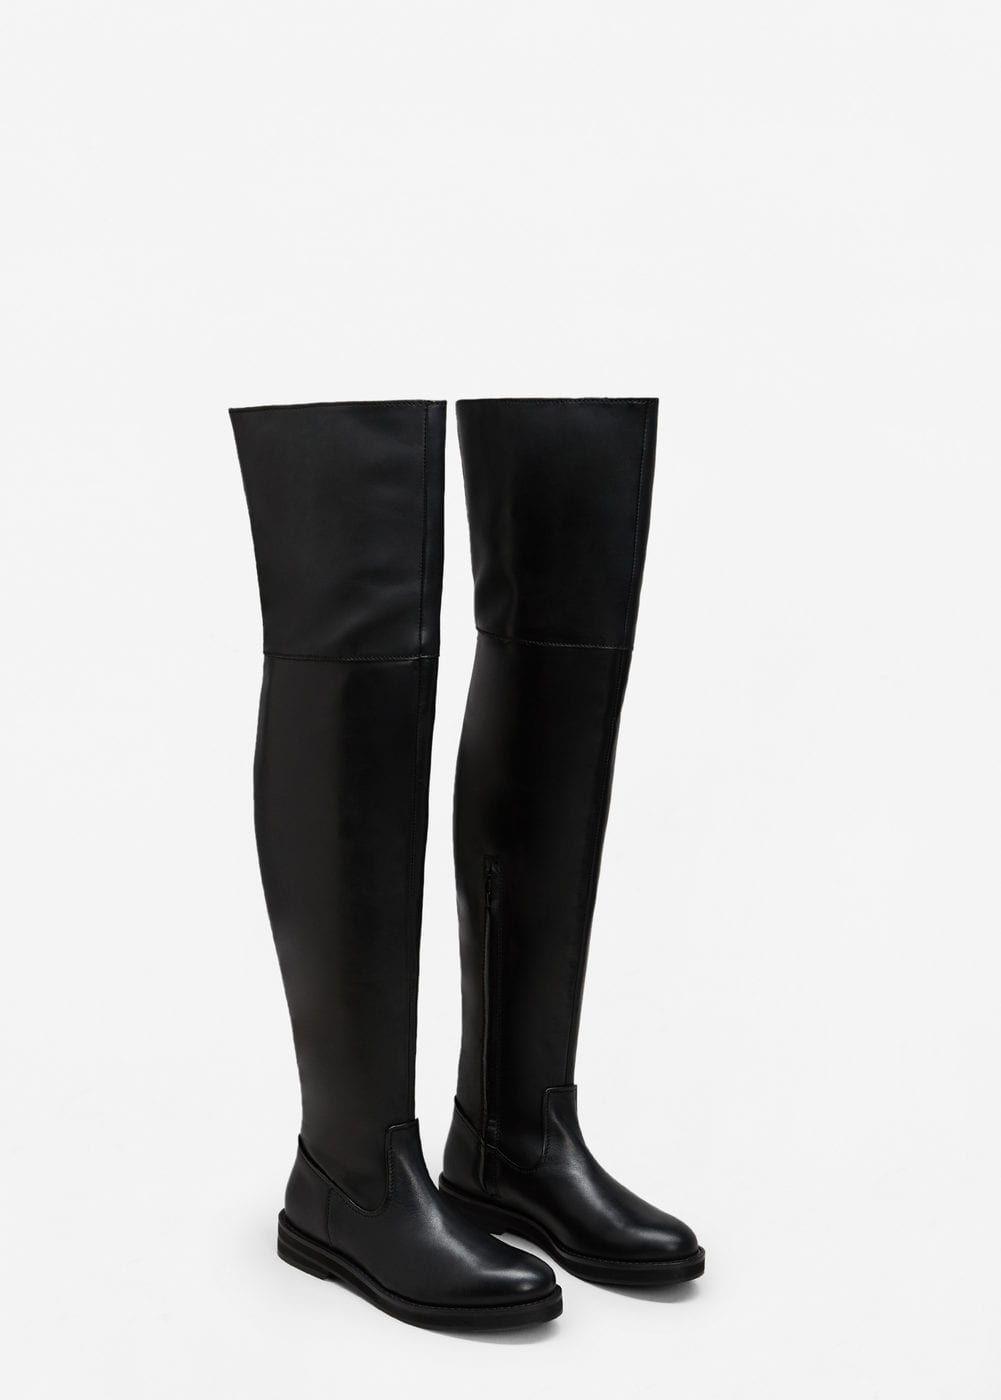 Bottes hautes cuir - Femme   Accessoires   Chaussure botte, Cuir et ... 1f947a703675